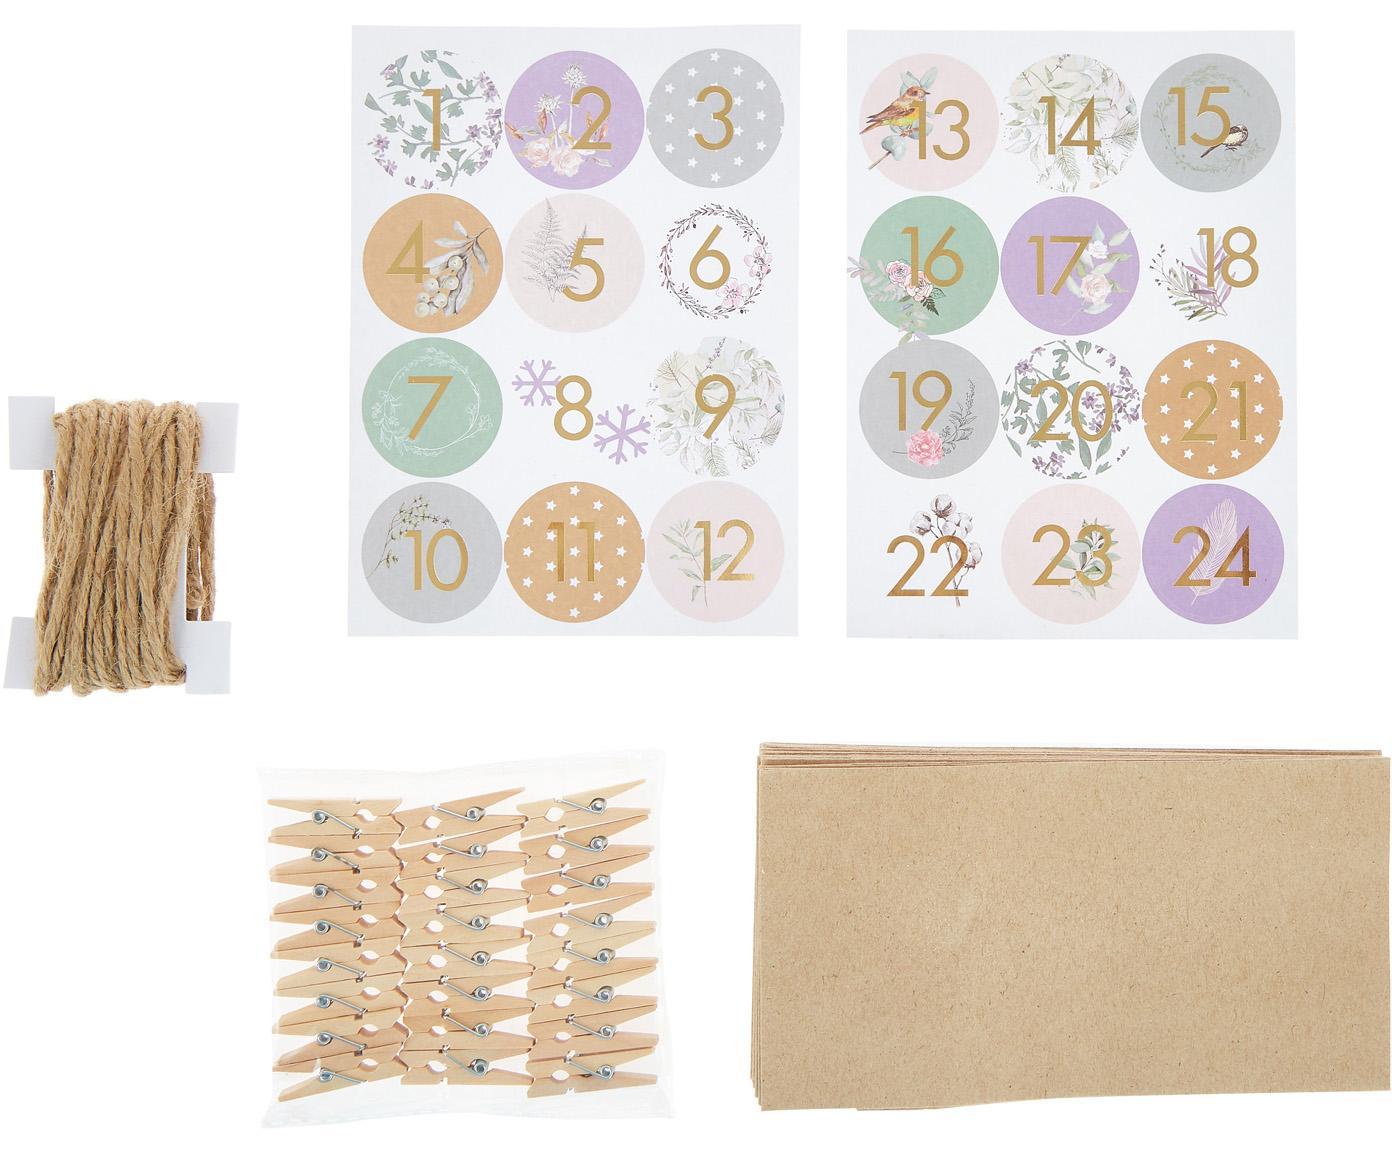 Calendario dell'avvento Vivi 73 pz, Multicolore, Larg. 22 x Alt. 23 cm